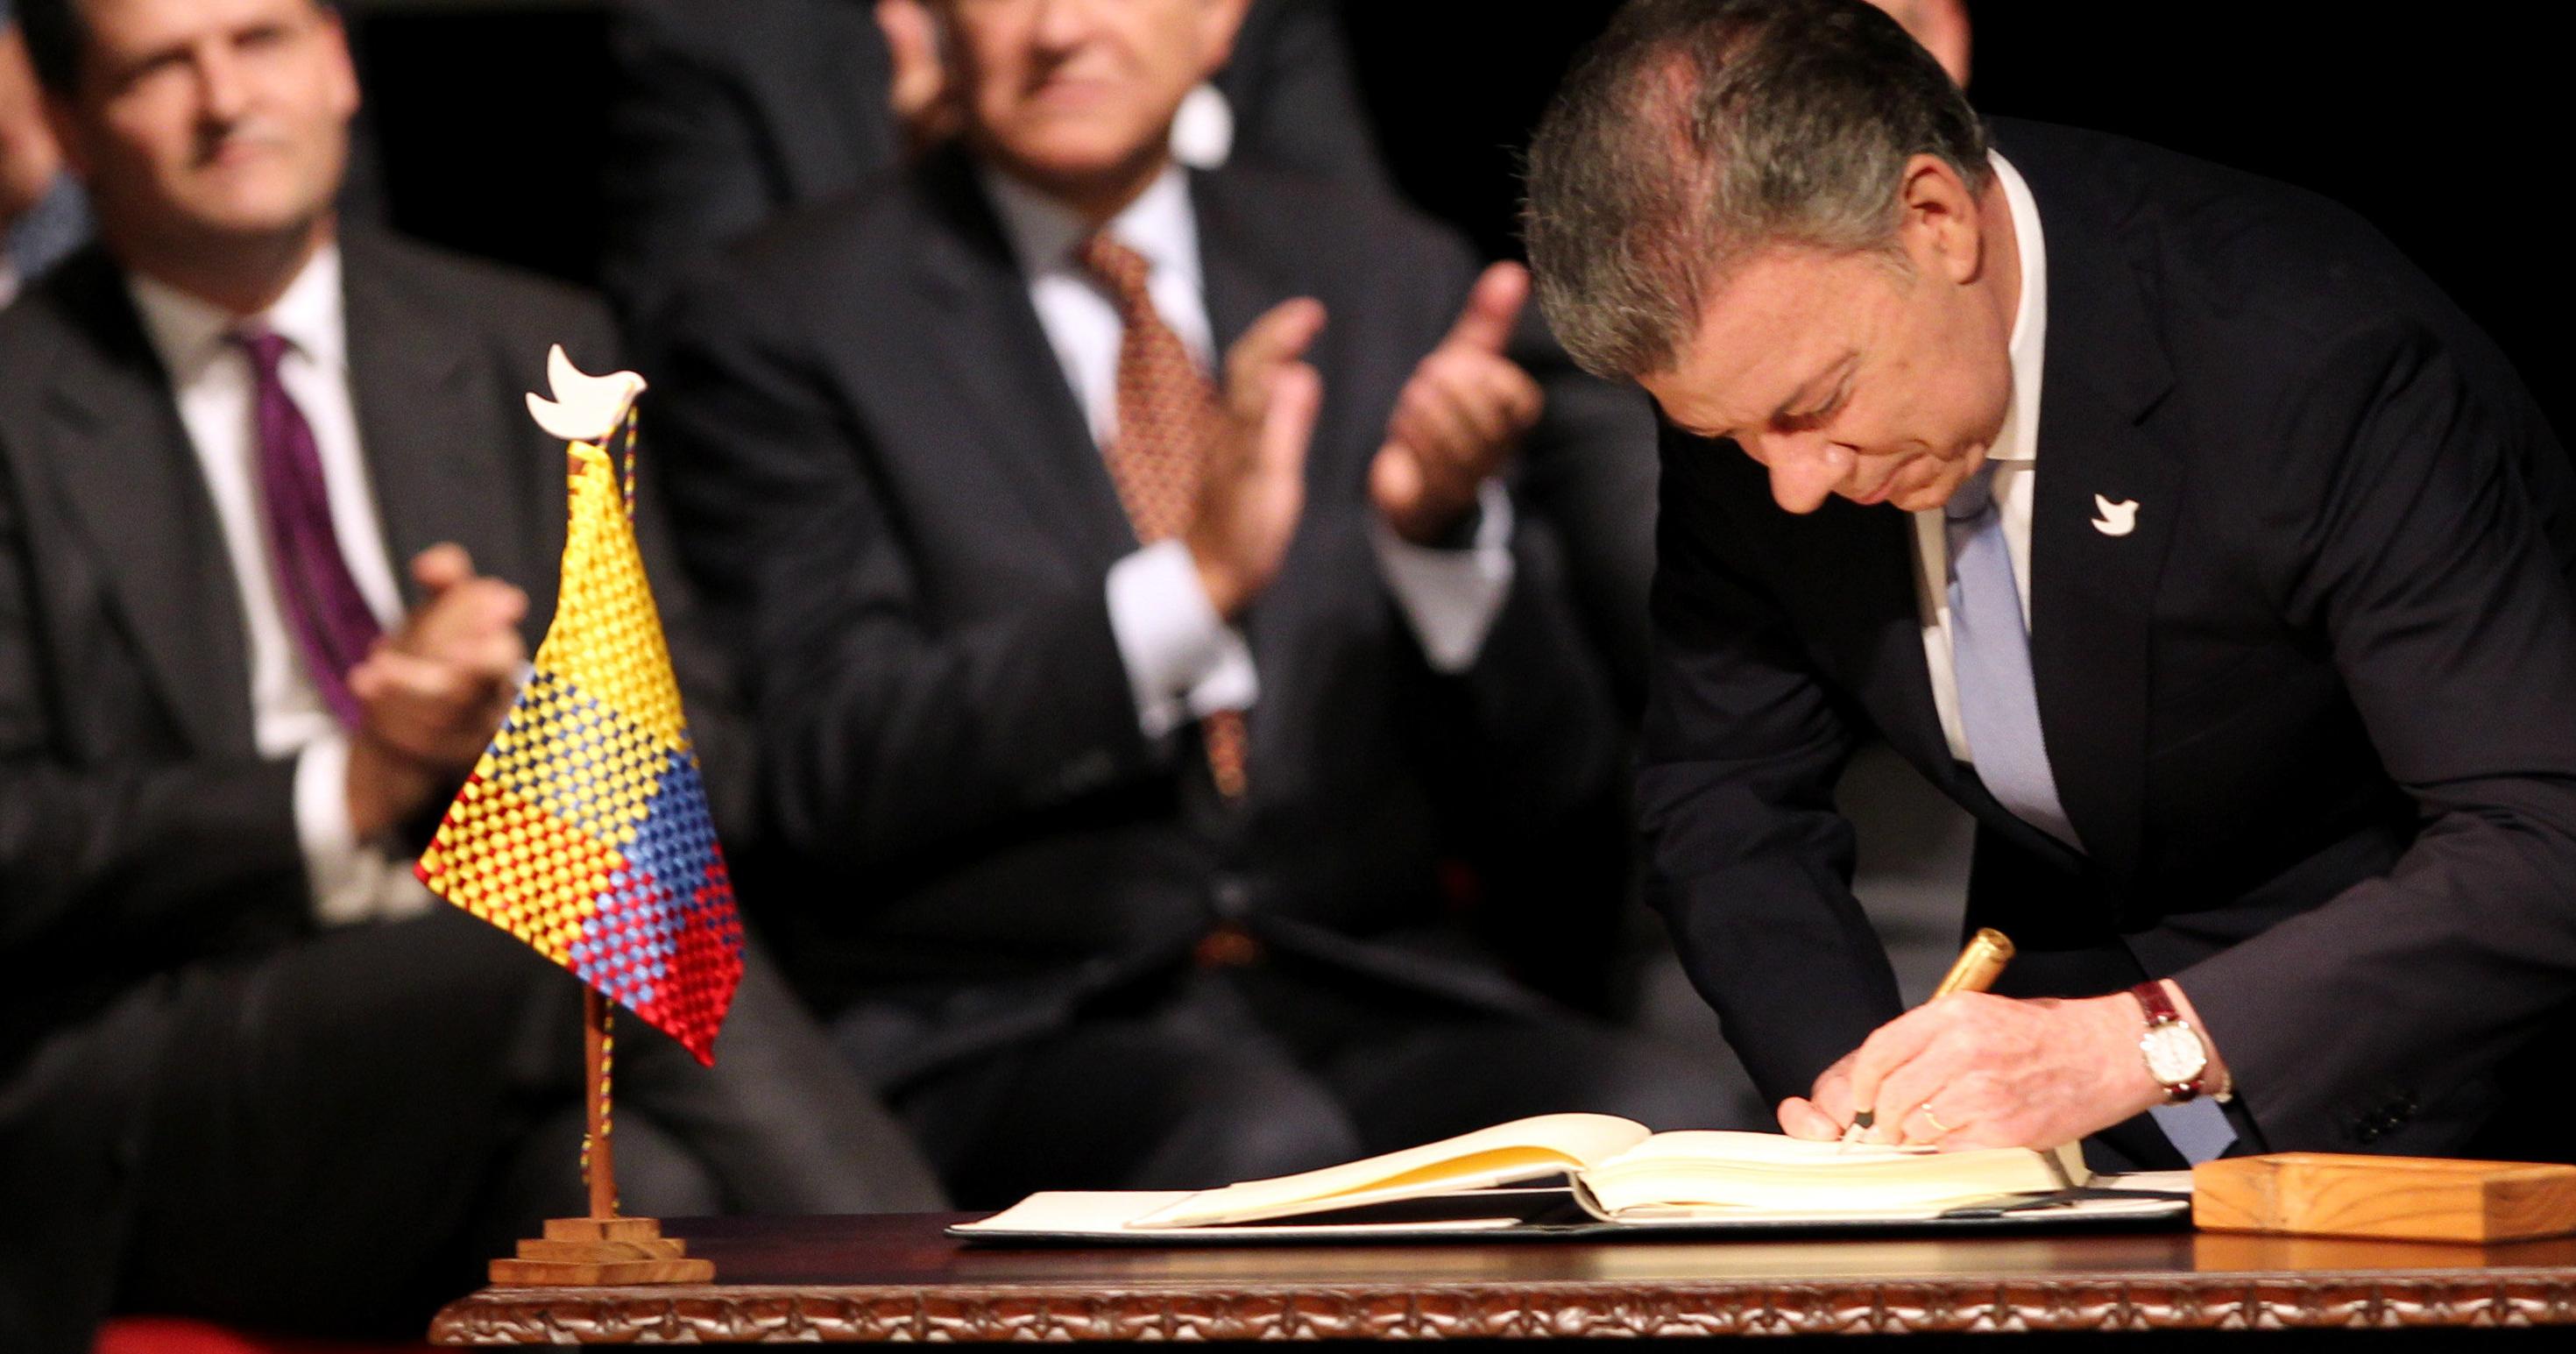 El presidente colombiano Juan Manuel Santos estampando su firma en el nuevo acuerdo de paz. EFE